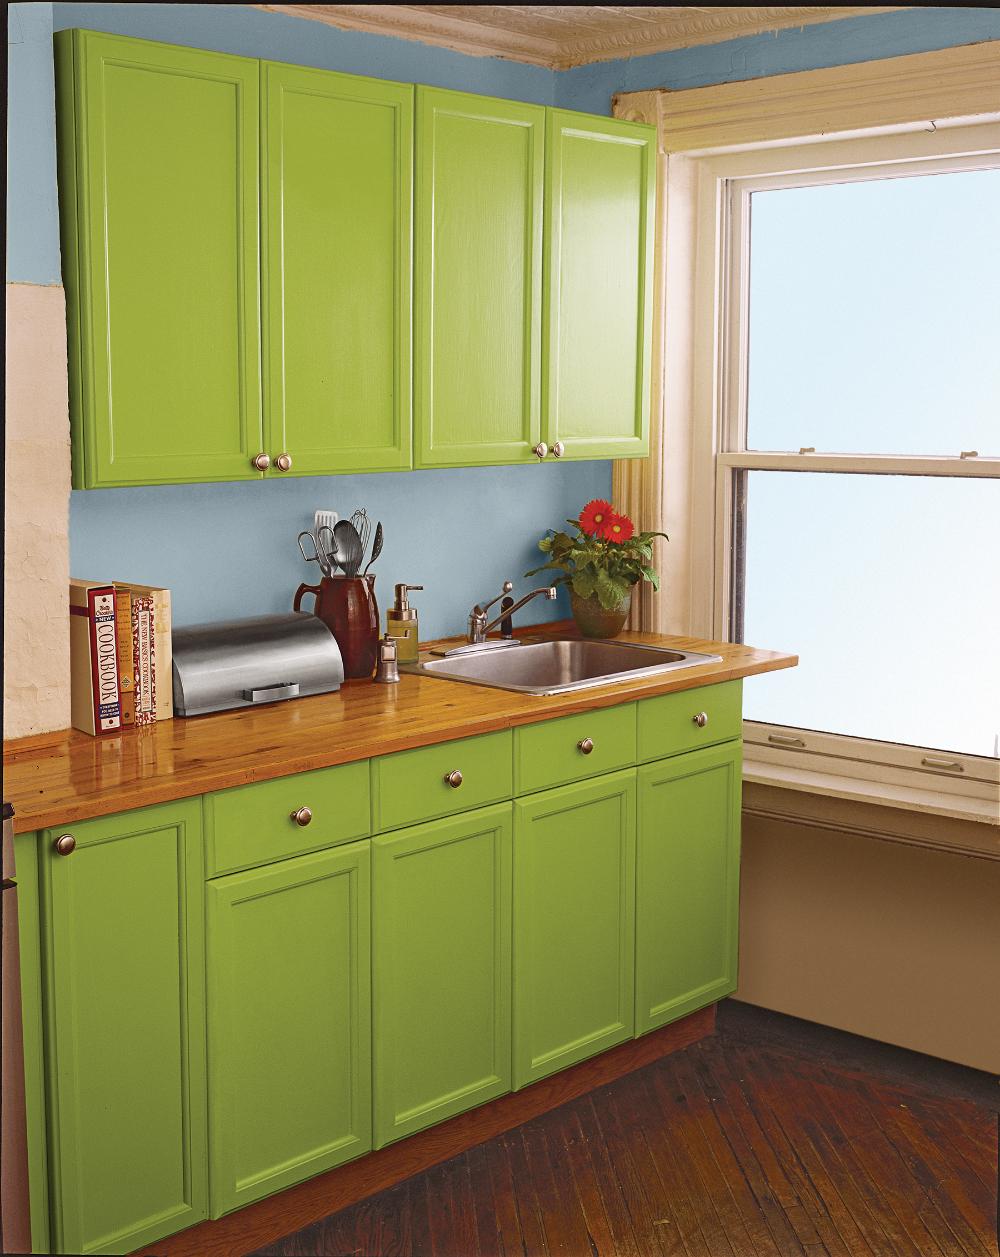 Update Kitchen Cabinets Kitchen Old Kitchen Cabinets Kitchen Cabinets Kitchen In 2020 Used Kitchen Cabinets Old Kitchen Cabinets Kitchen Cabinets For Sale